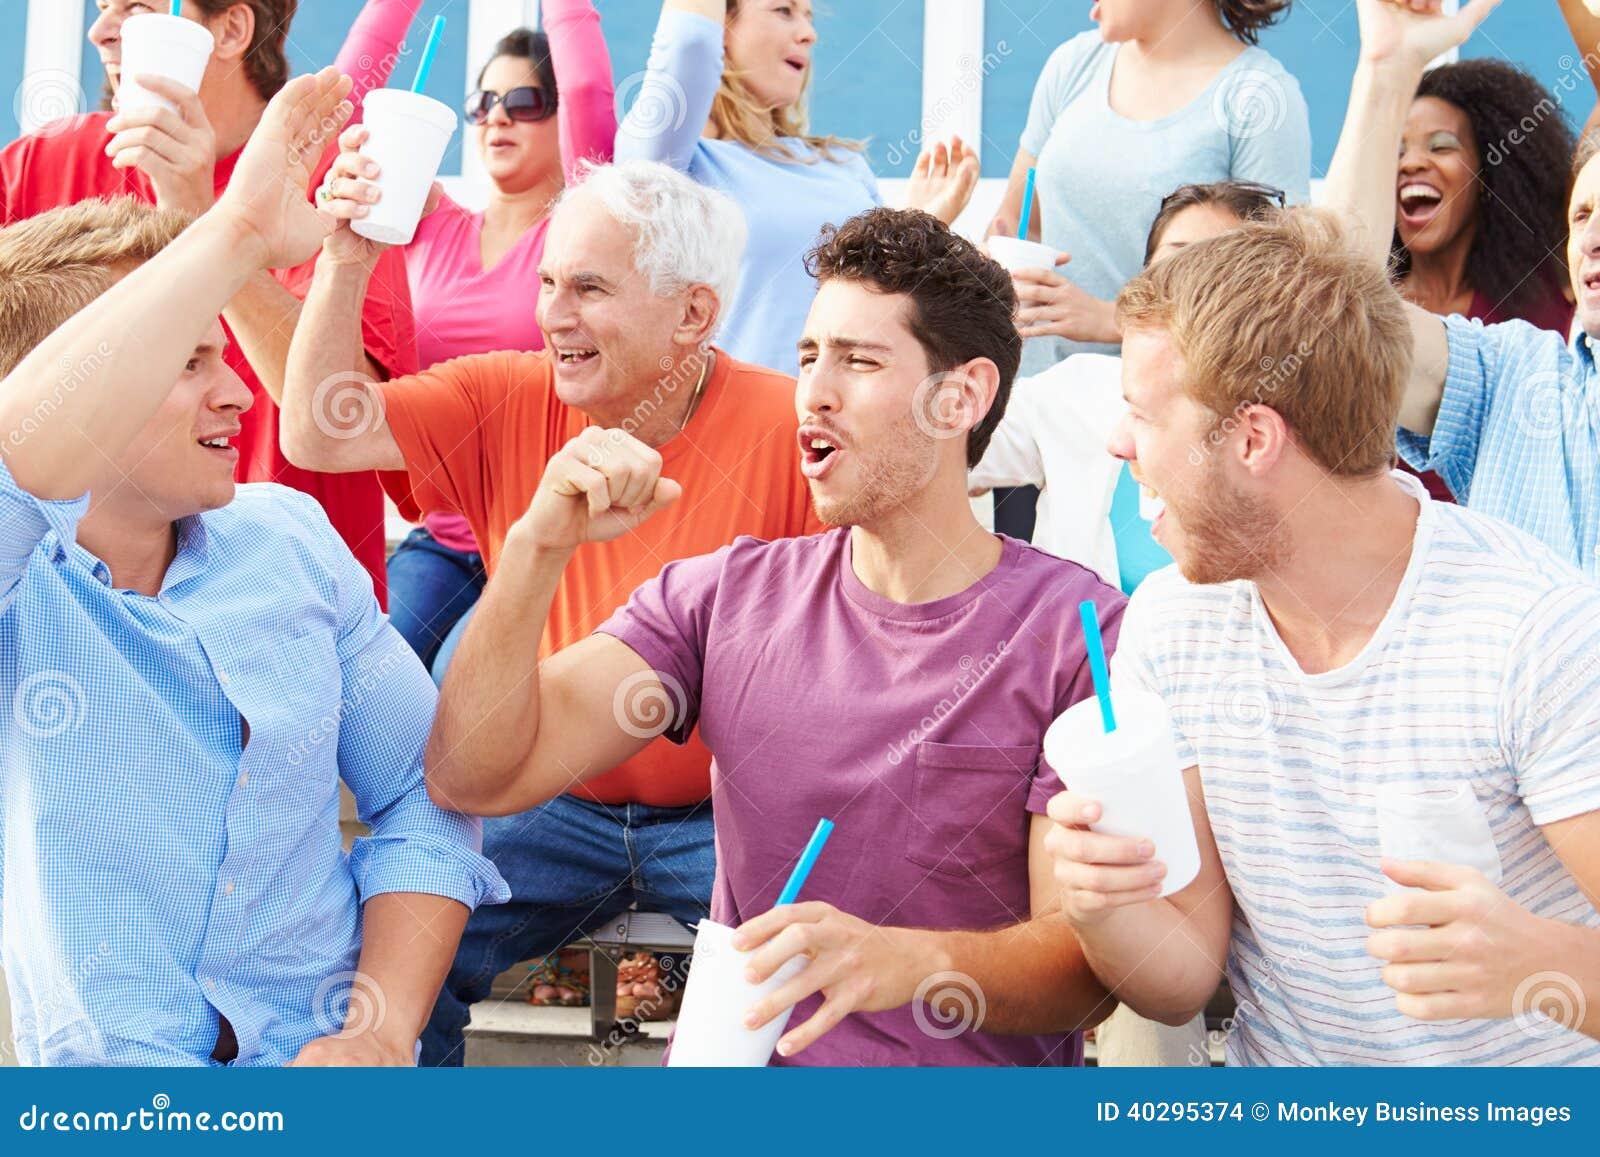 Espectadores que animan en el acontecimiento deportivo al aire libre